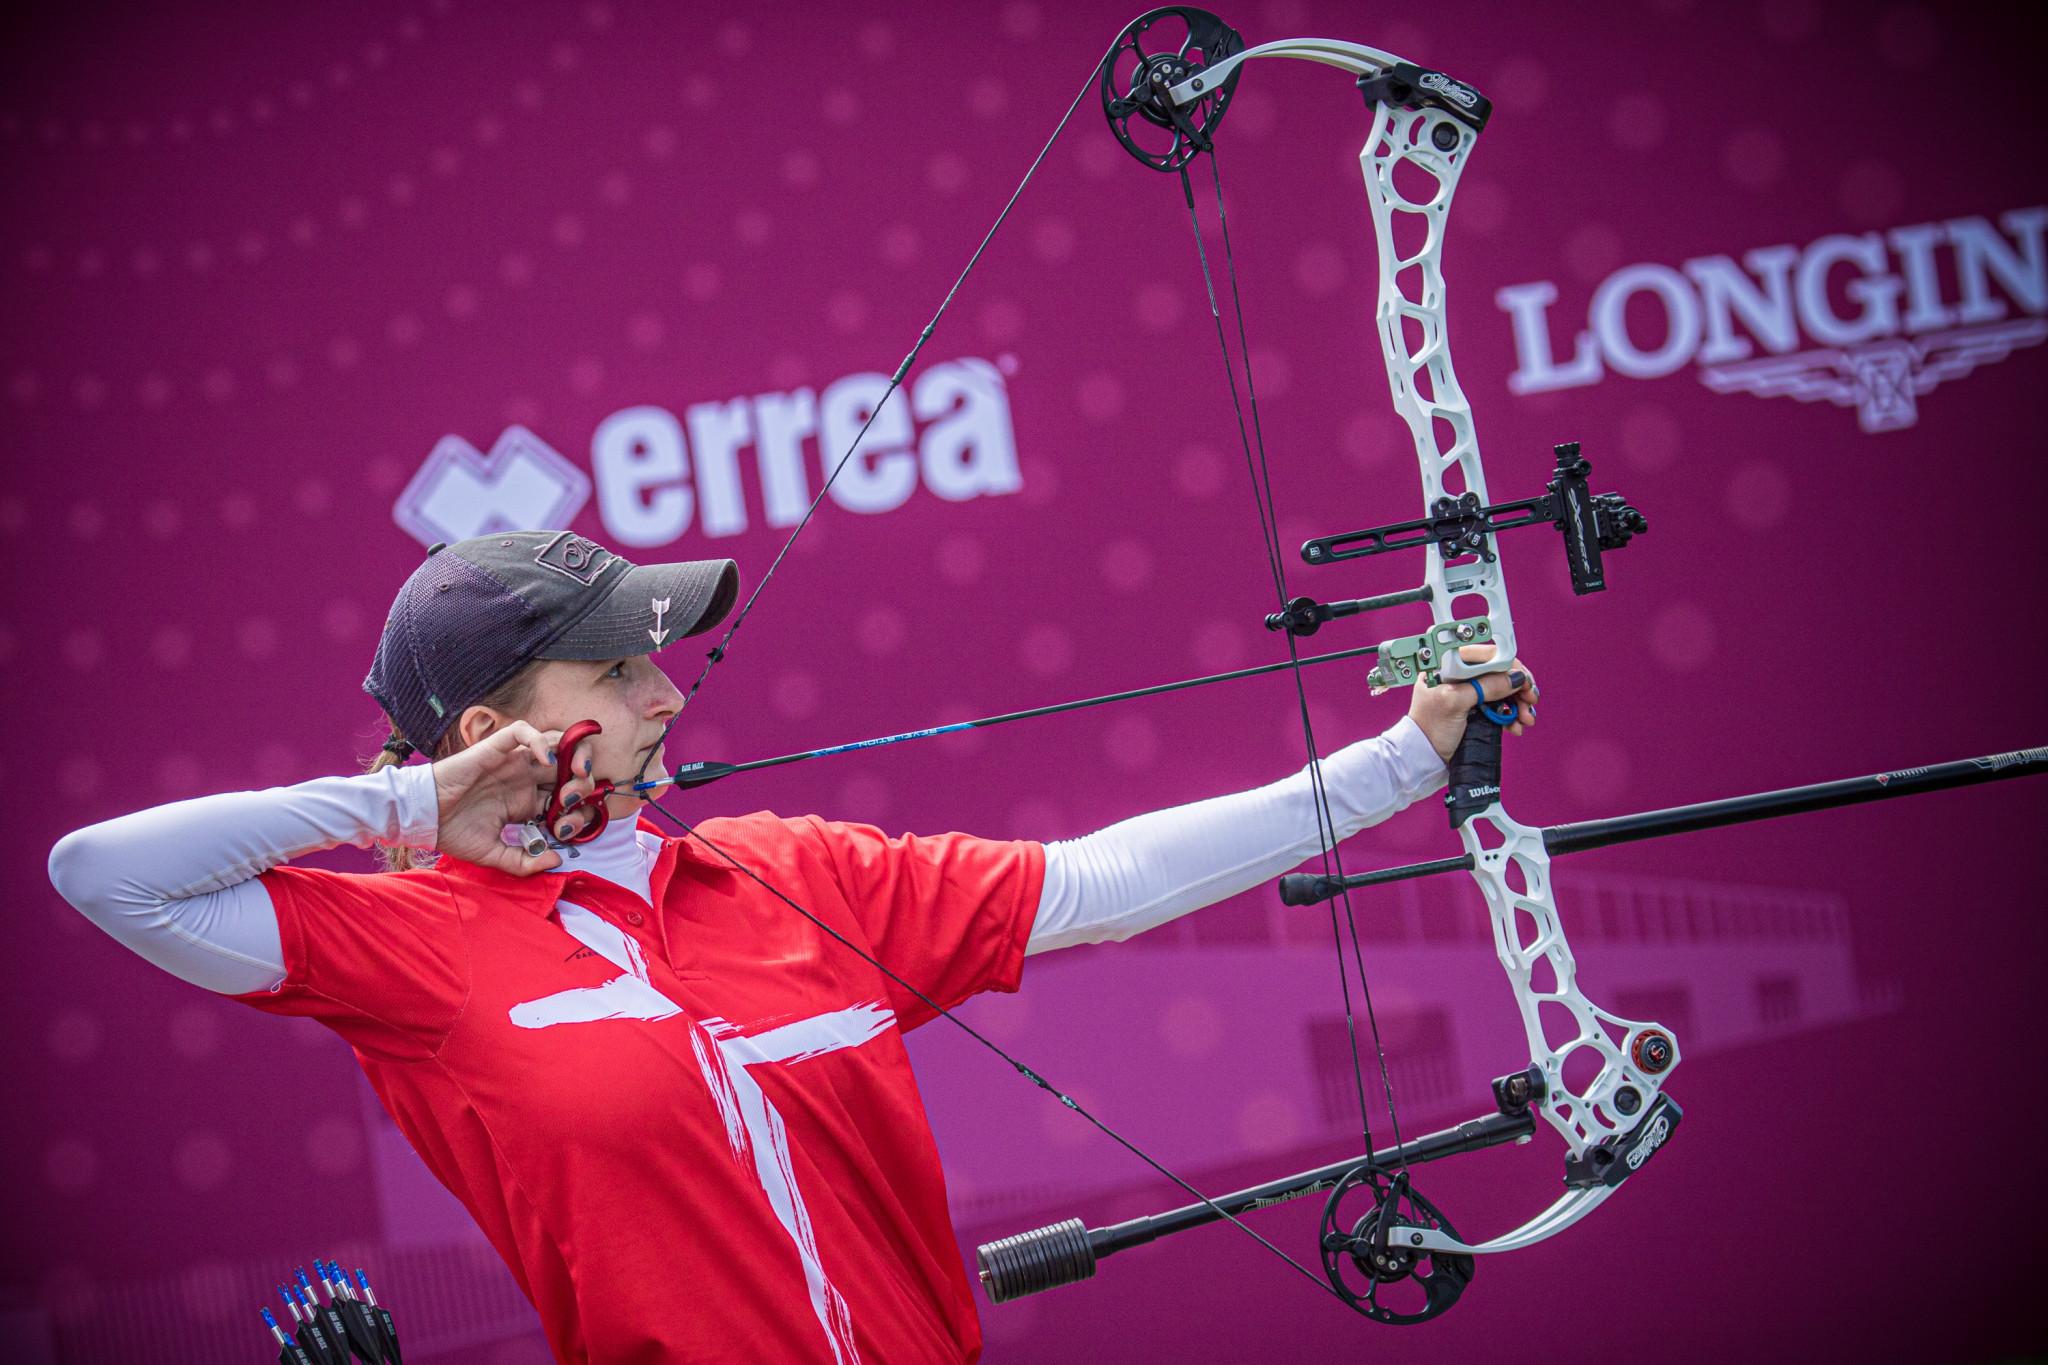 Gellenthien earns compound title at European Archery Championships in Antalya